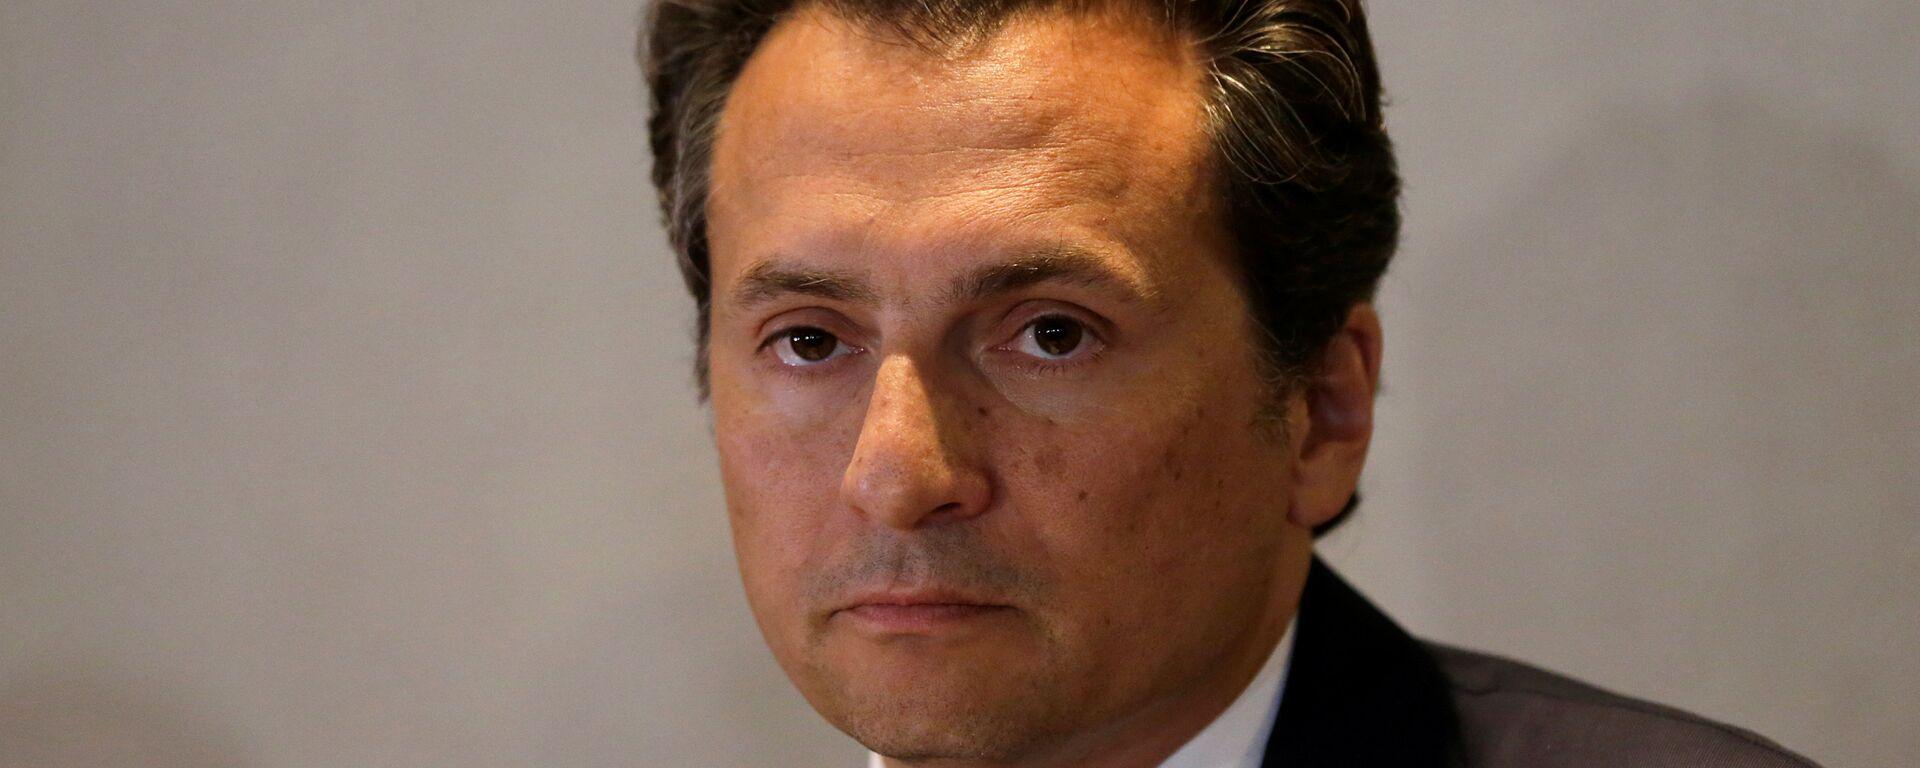 Emilio Lozoya, former chief Executive Officer of Petroleos Mexicanos (Pemex)  - Sputnik Mundo, 1920, 03.02.2021